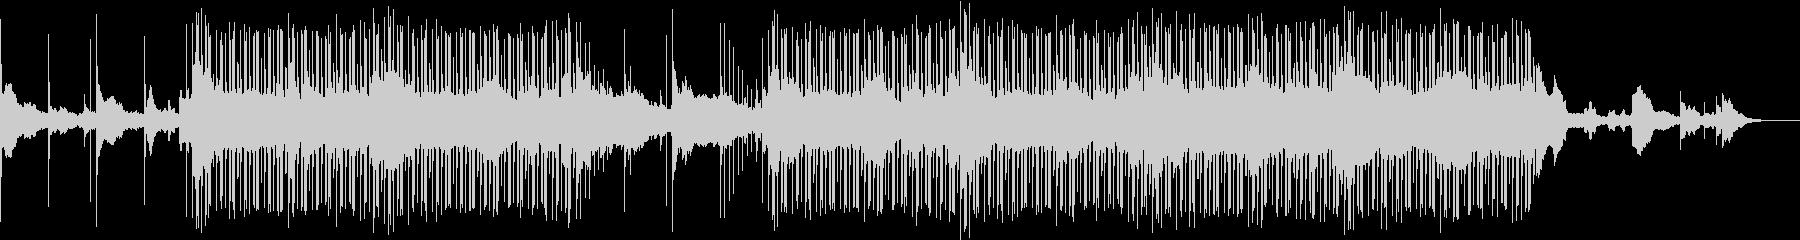 幻想的なUKギターサウンドのBGMの未再生の波形